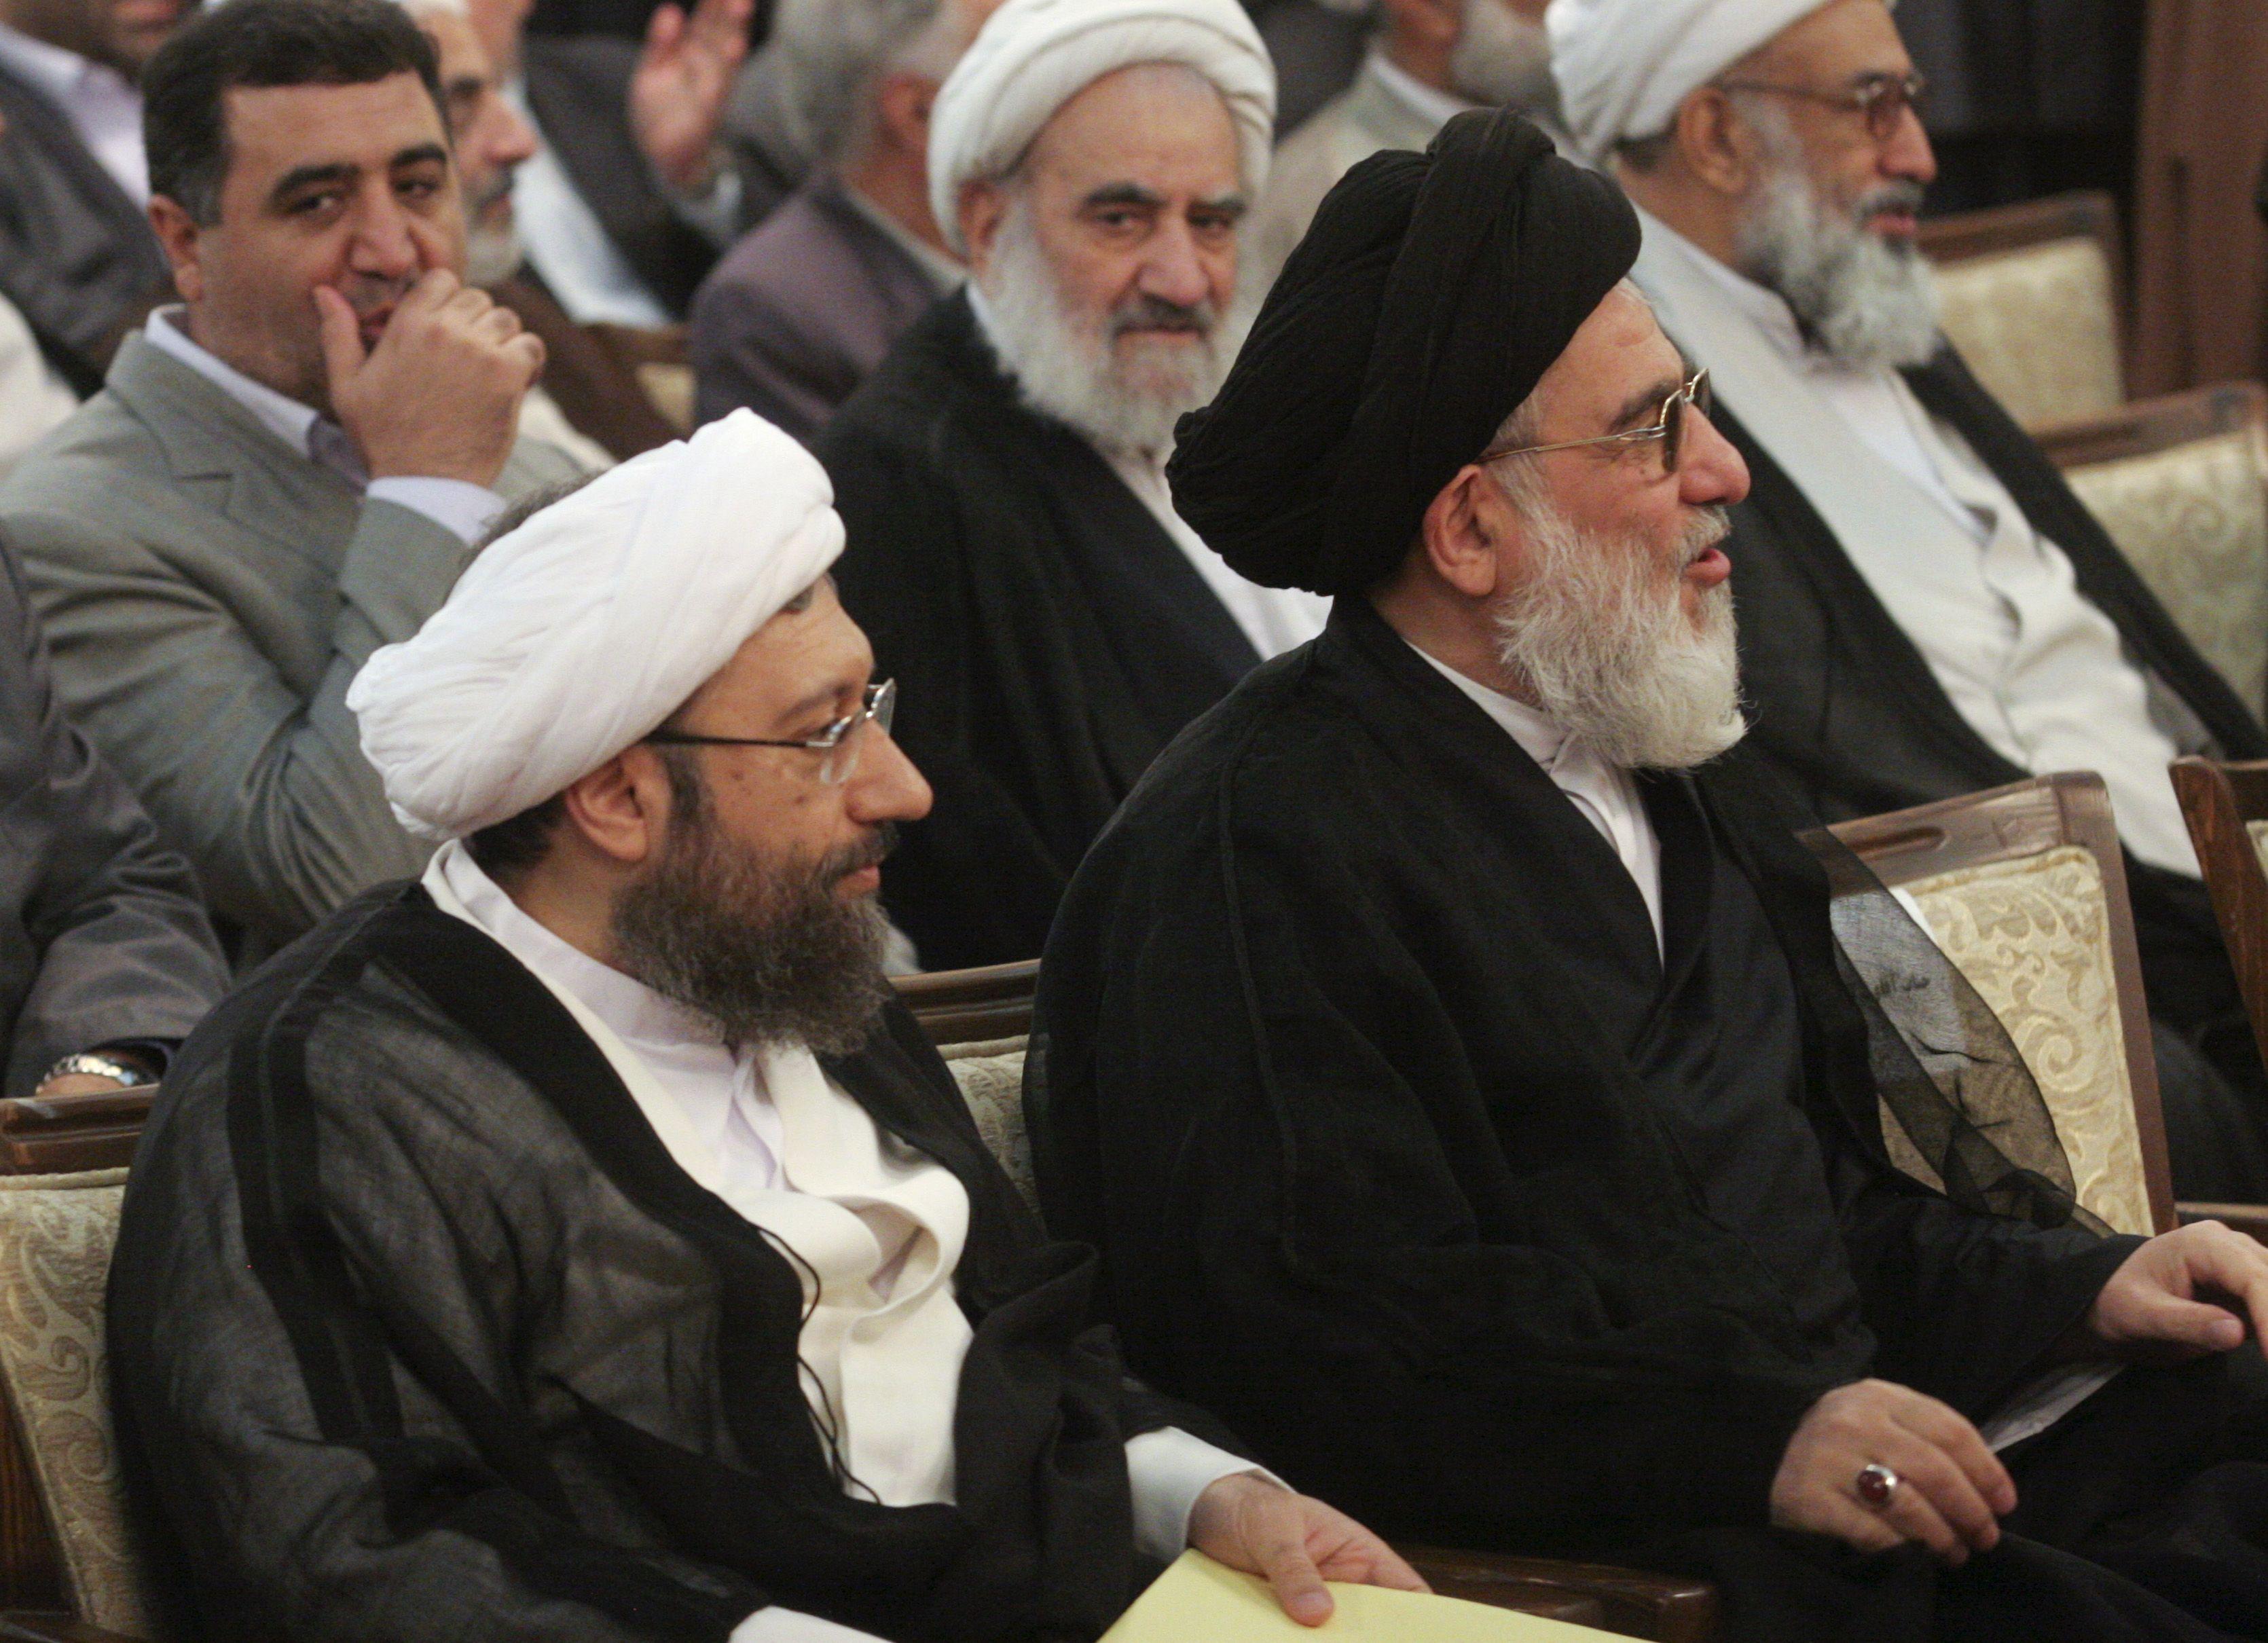 2009-08-17T120000Z_1387349115_GM1E58H1EWN01_RTRMADP_3_IRAN